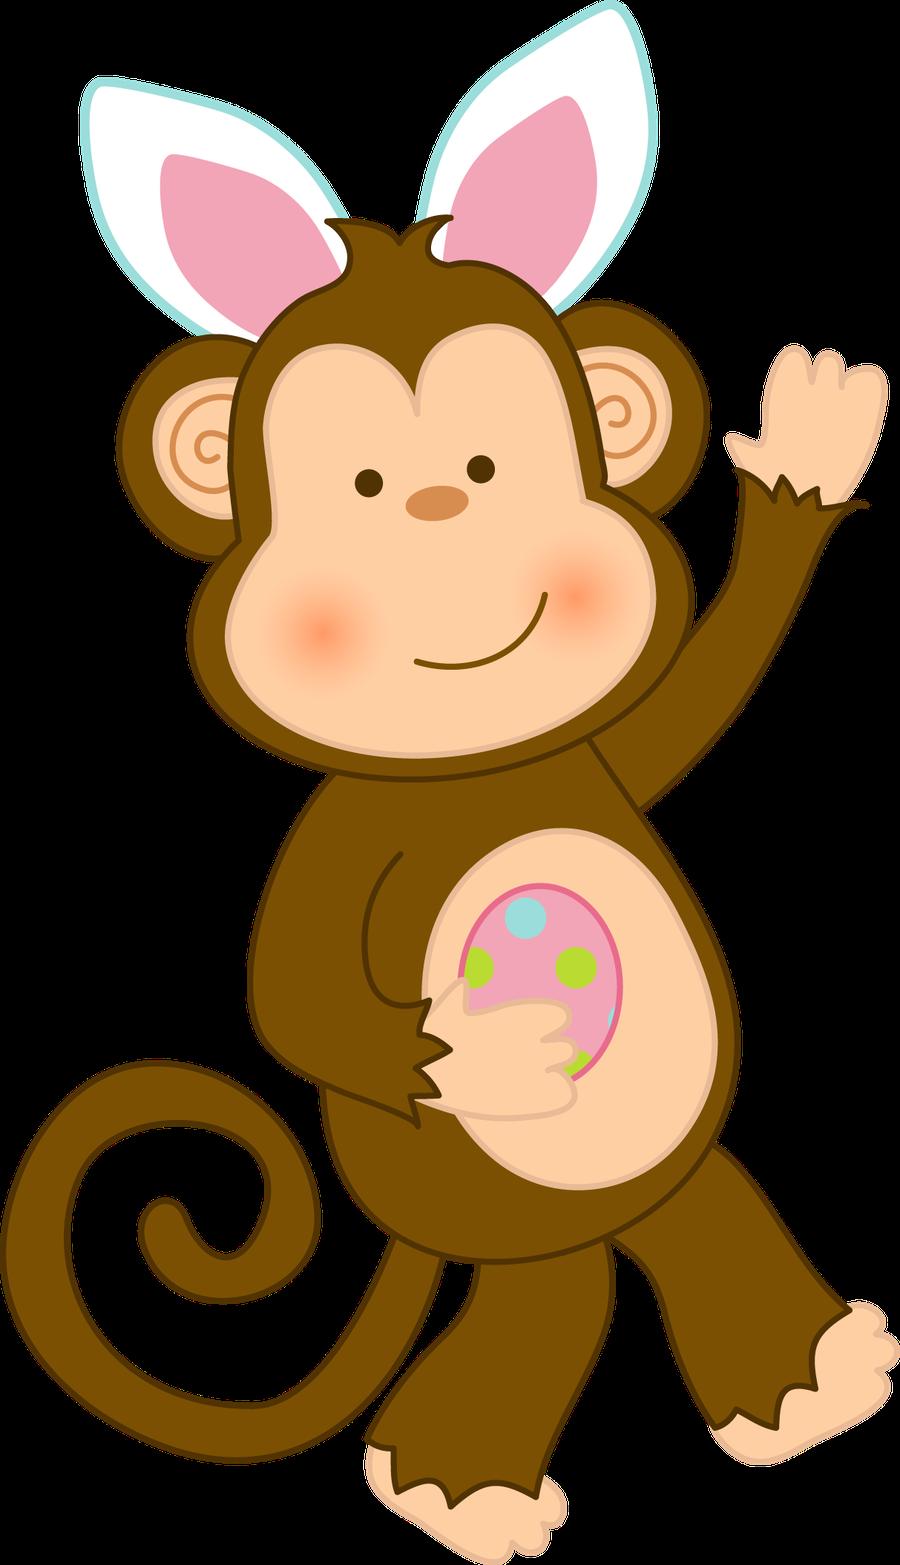 monkeys clipart easter